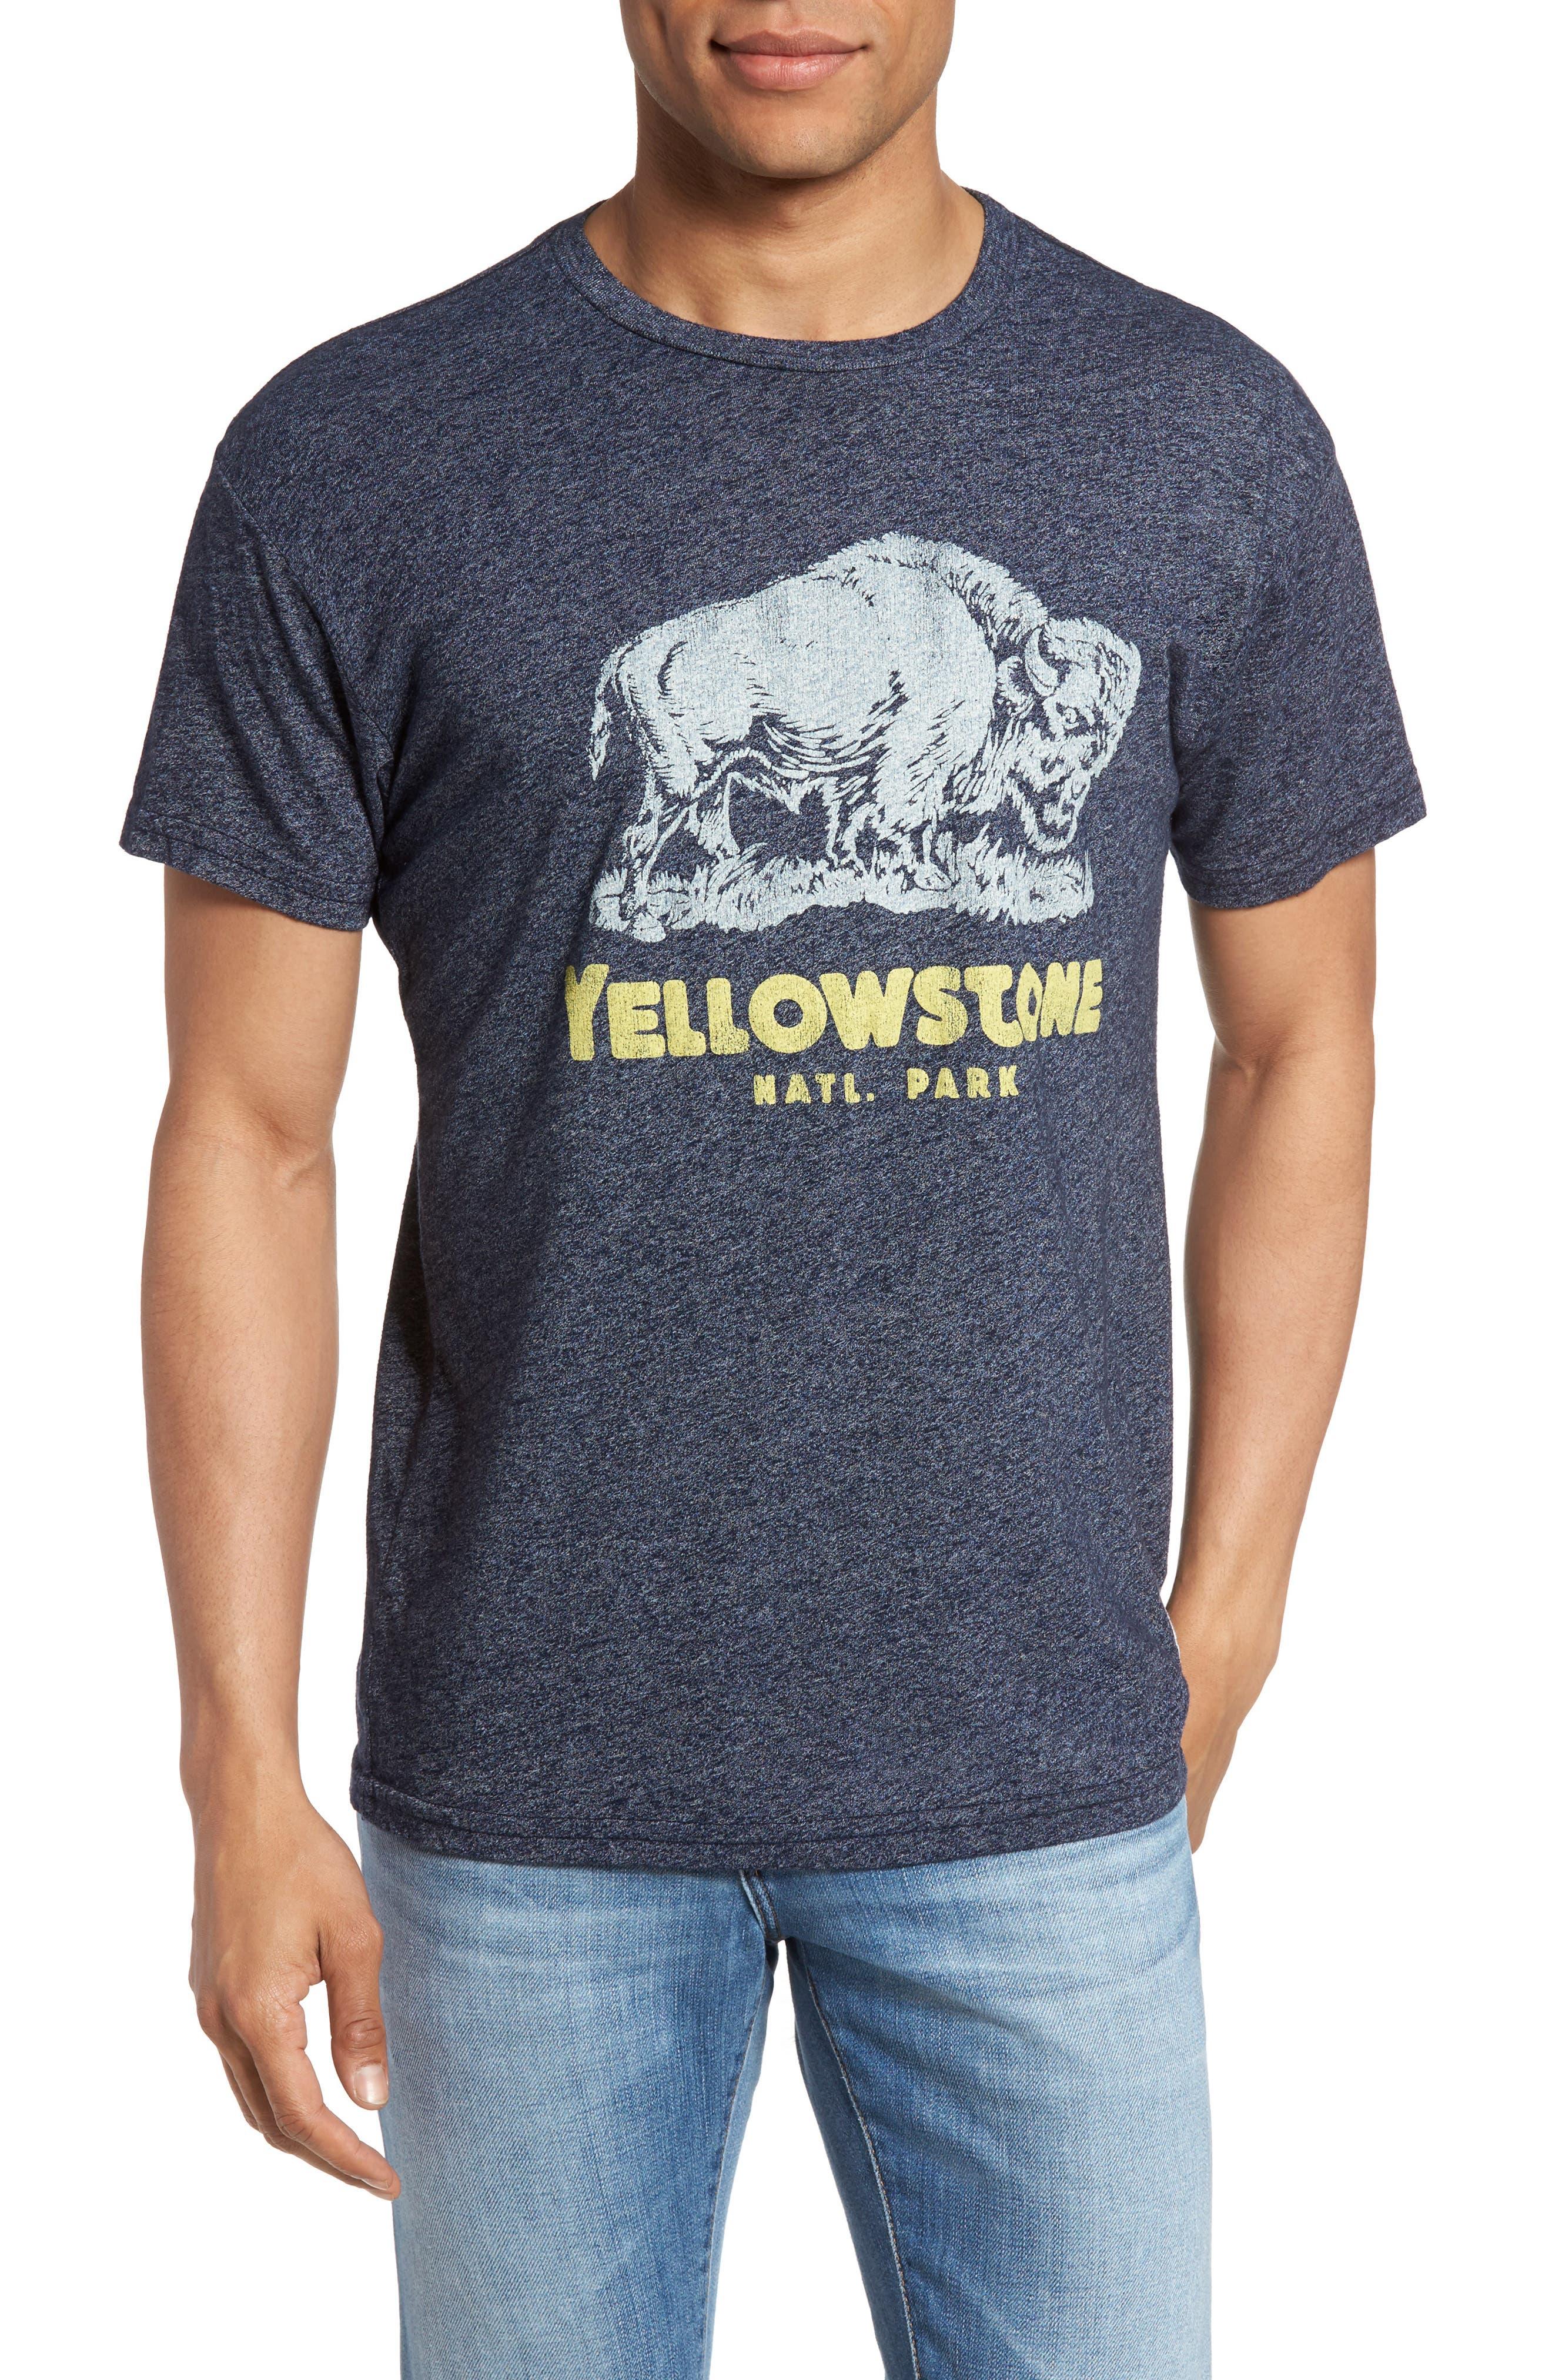 Retro Brand Yellowstone Graphic T-Shirt